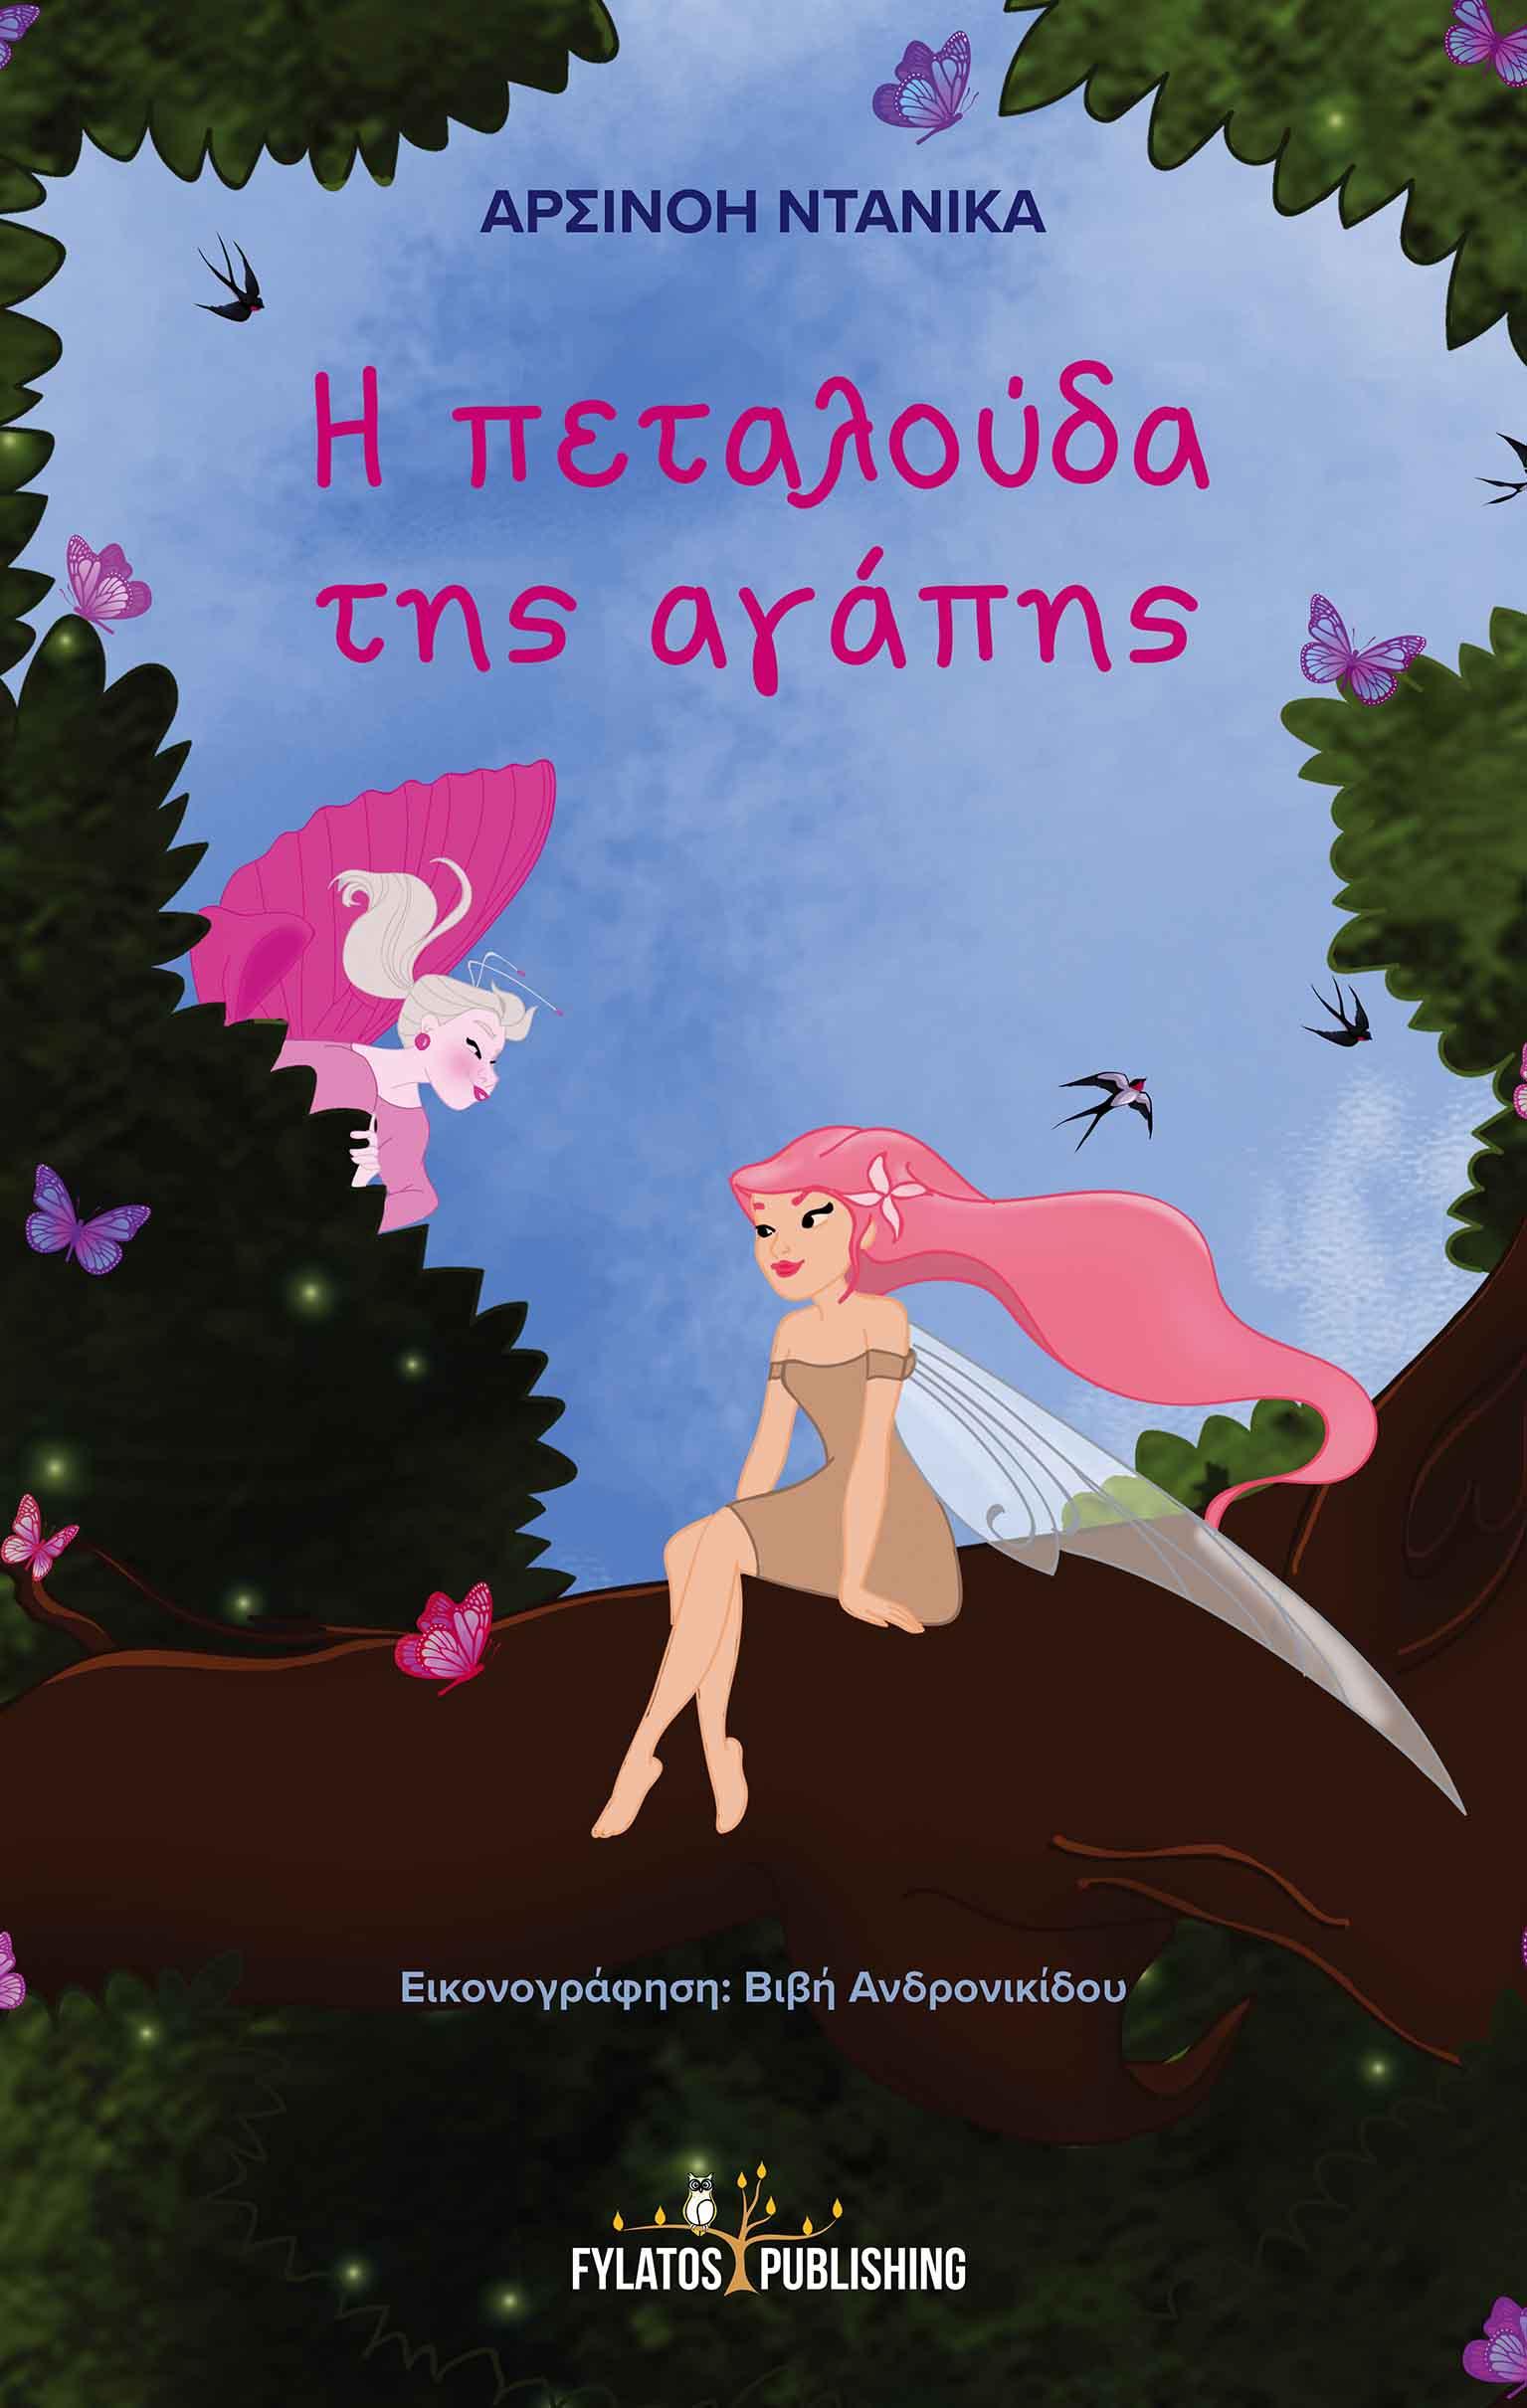 εκδόσεις Φυλάτος βιβλία νέες κυκλοφορίες Η πεταλούδα της αγαπης